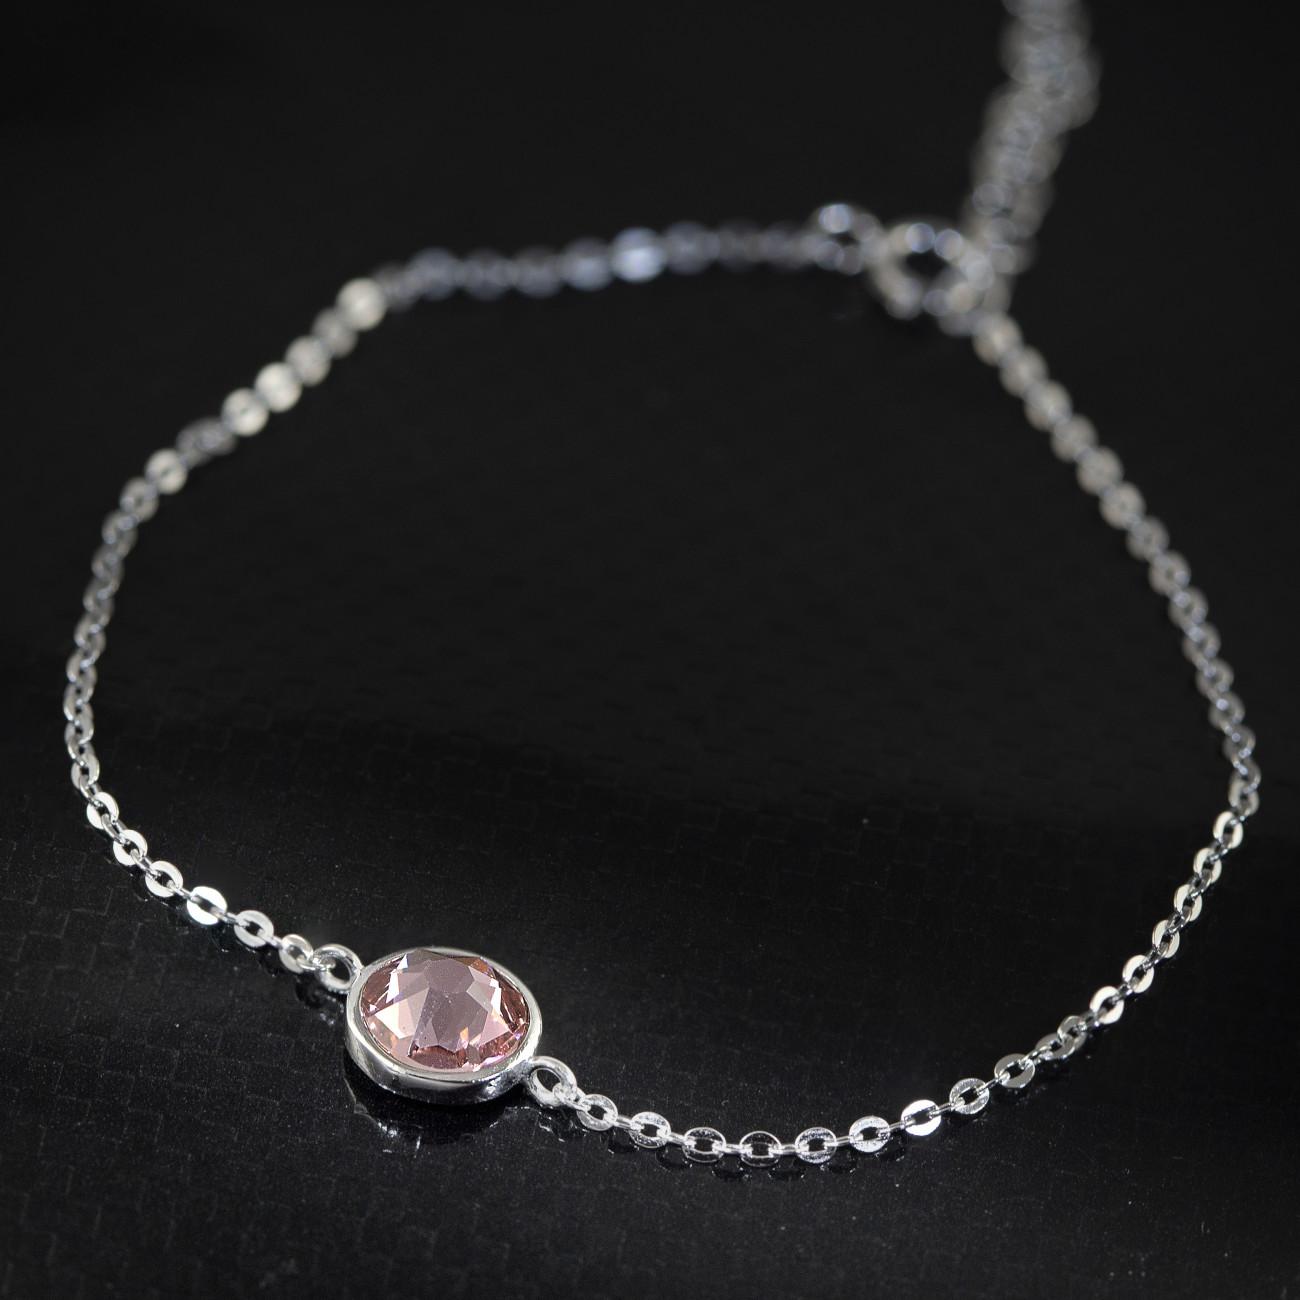 Stříbrný náramek Savour s pravým krystalem Swarovski - light rose